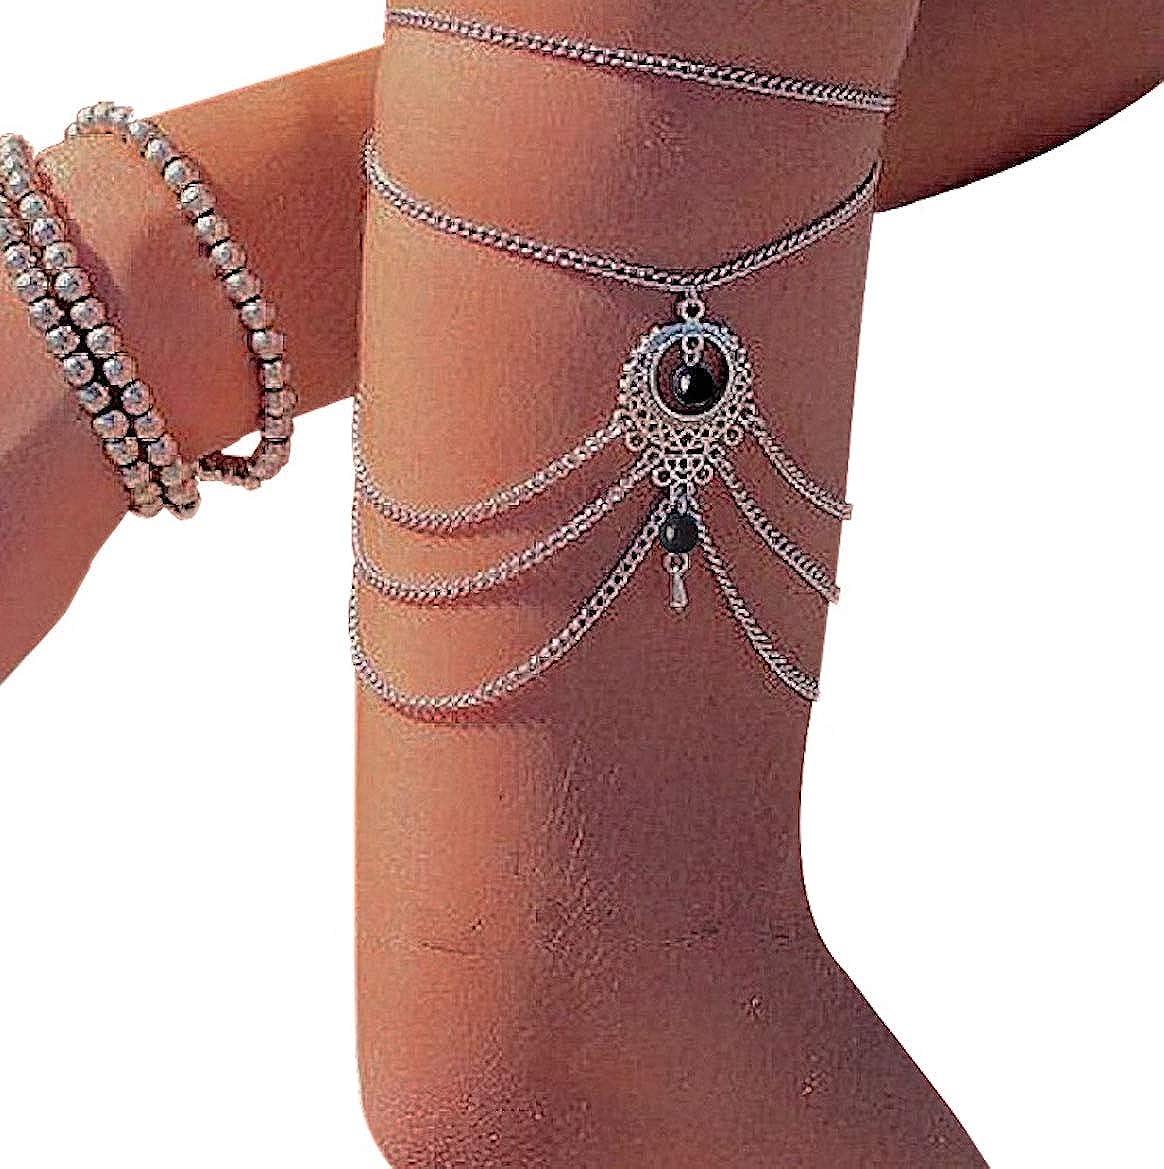 pour Soir/ée Mariage Sorties Cha/îne de Bottes pour Femme /Él/égant Raffin/é D/élicat Chaine Bijou Onyx Pendentif Body Wrap Bracelet de Cheville Pied ou Bras